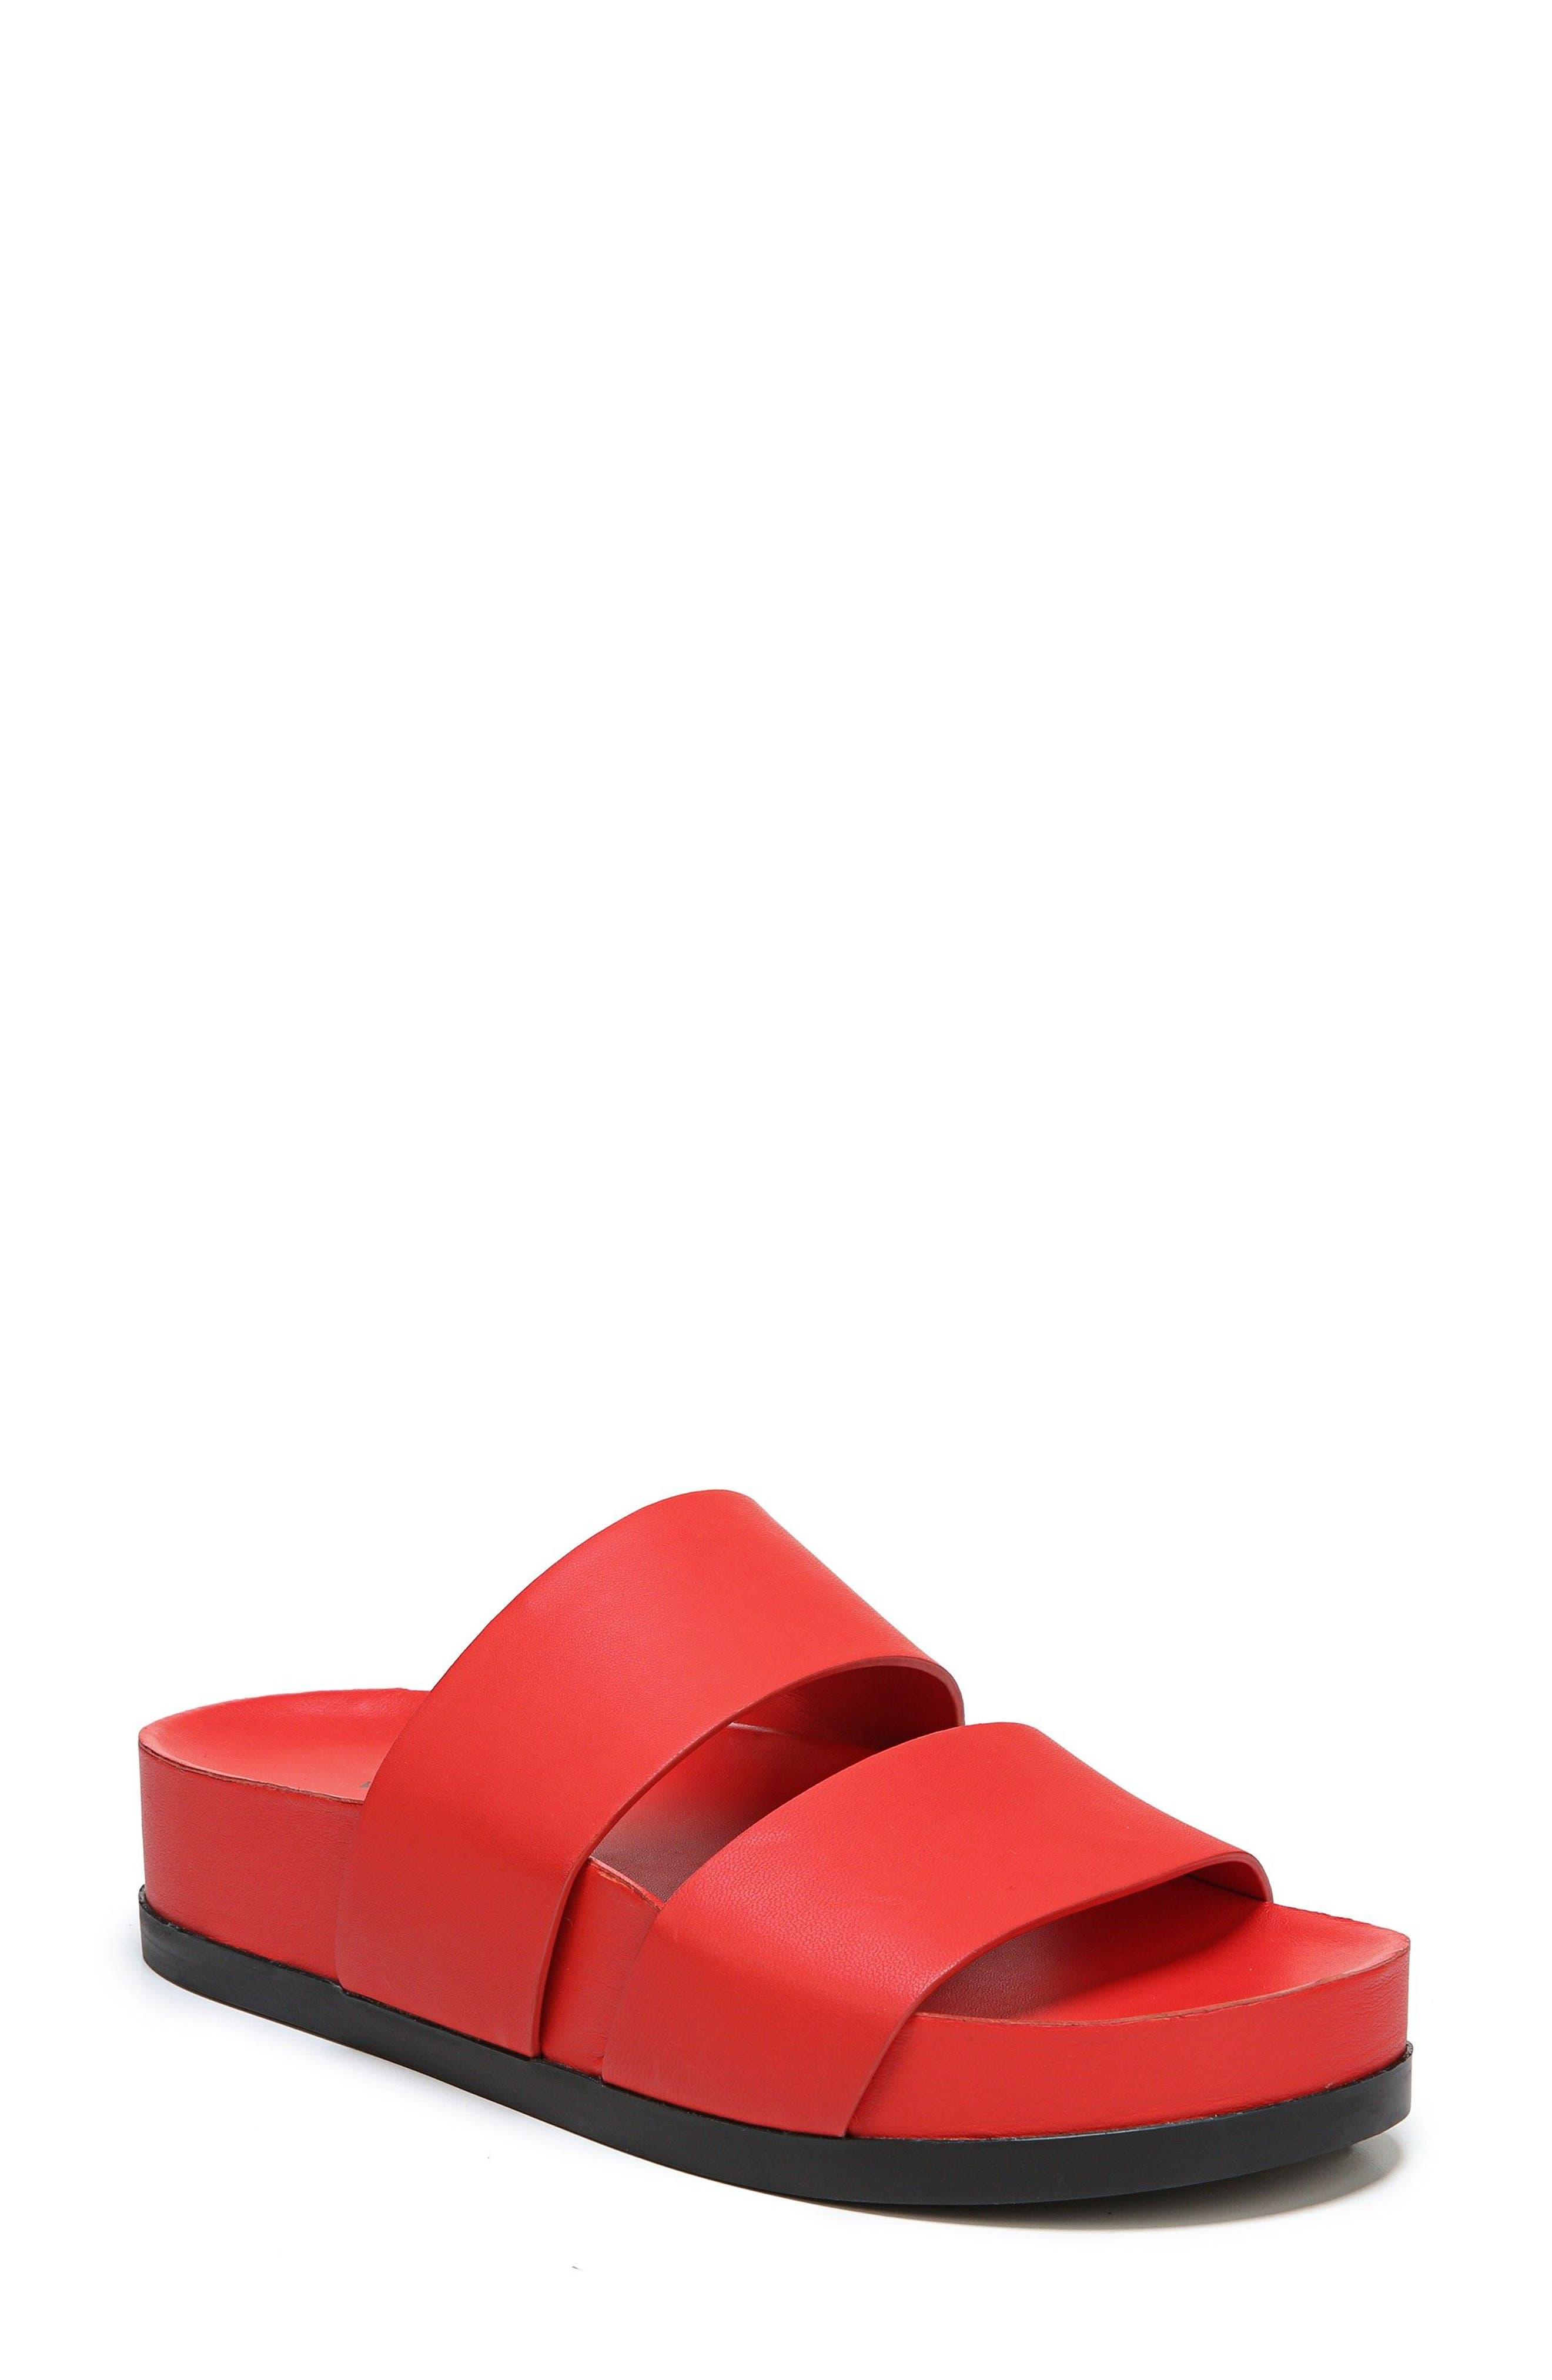 Milton Slide Sandal,                         Main,                         color, Poppy Red Leather